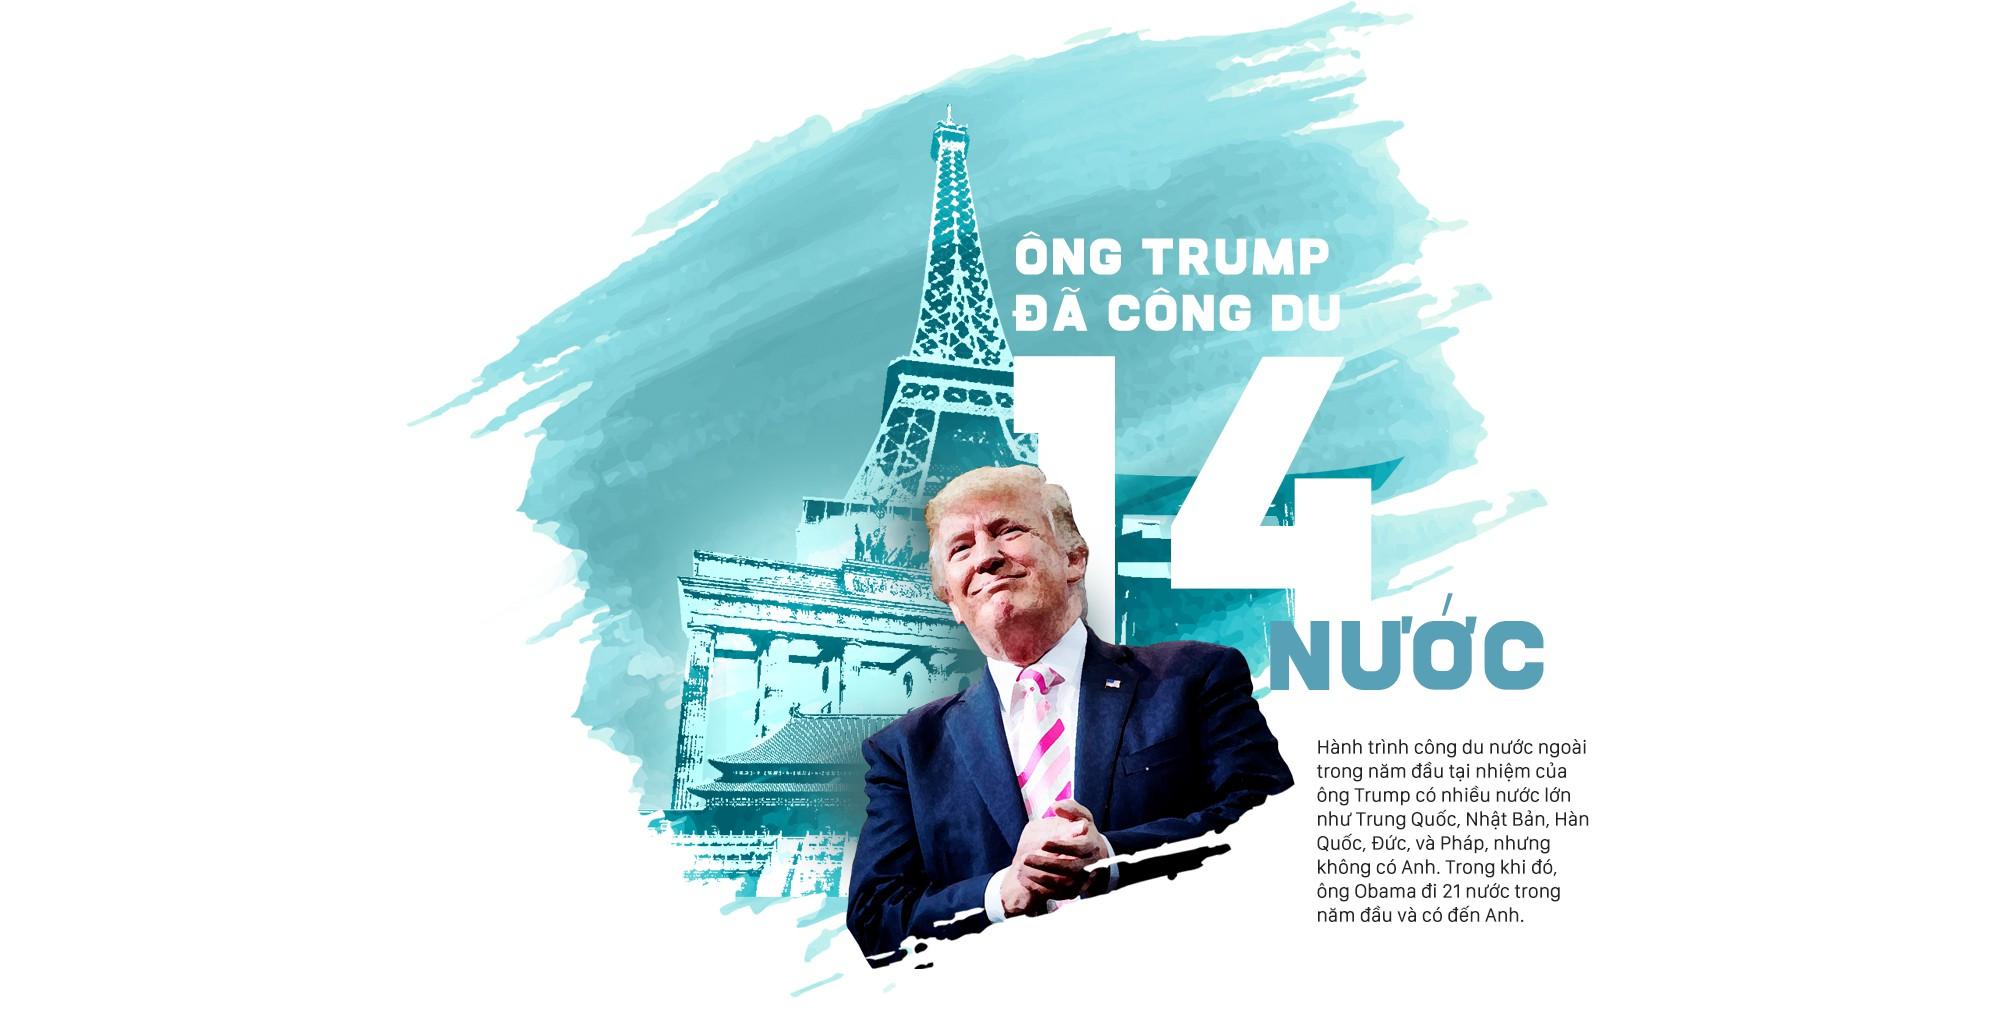 Năm đầu tiên trong Nhà Trắng của tổng thống Trump: Những con số kỷ lục đập tan tranh cãi - Ảnh 3.